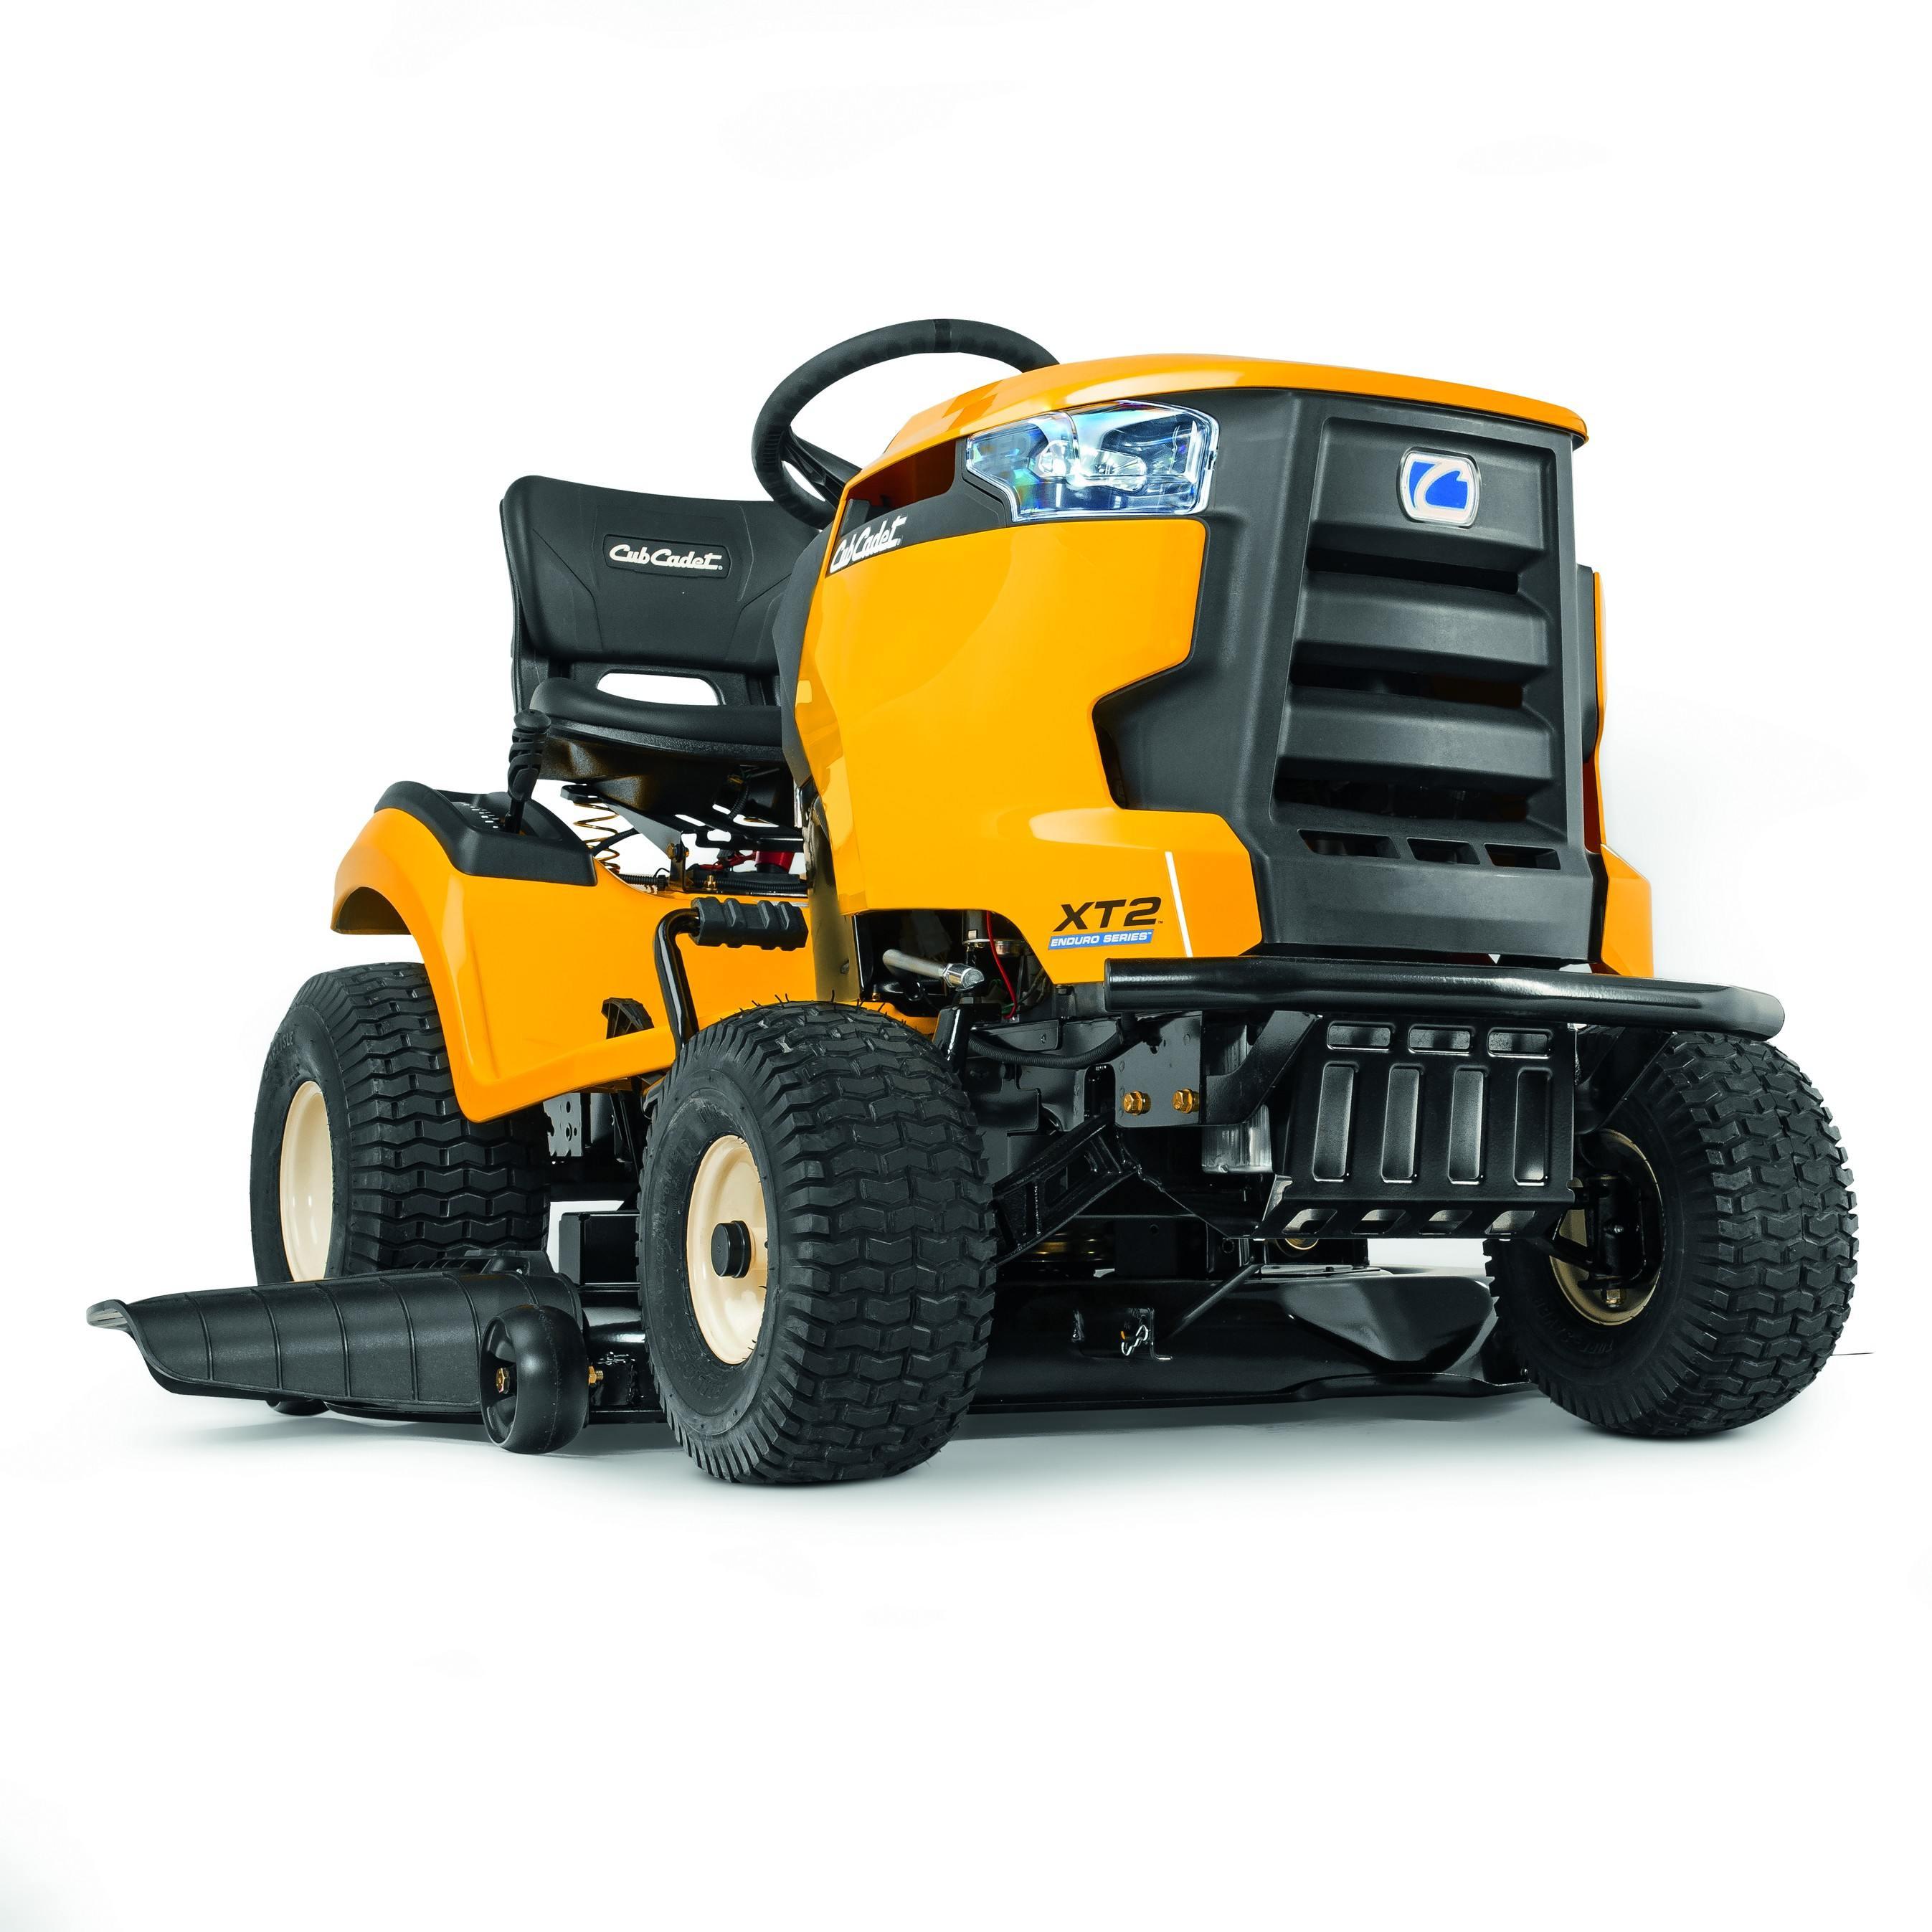 Travní traktor se bočním výhozem Cub Cadet XT2 PS117